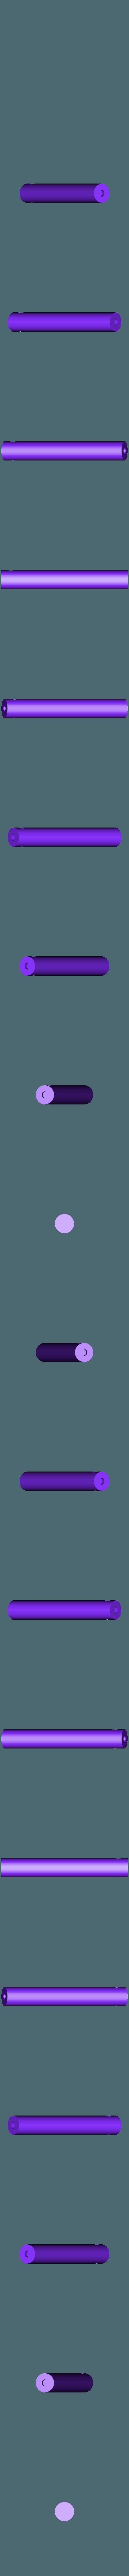 handle.stl Télécharger fichier STL gratuit Ghostbuster Ghostbuster Ghosttrap • Modèle pour impression 3D, SLIDES